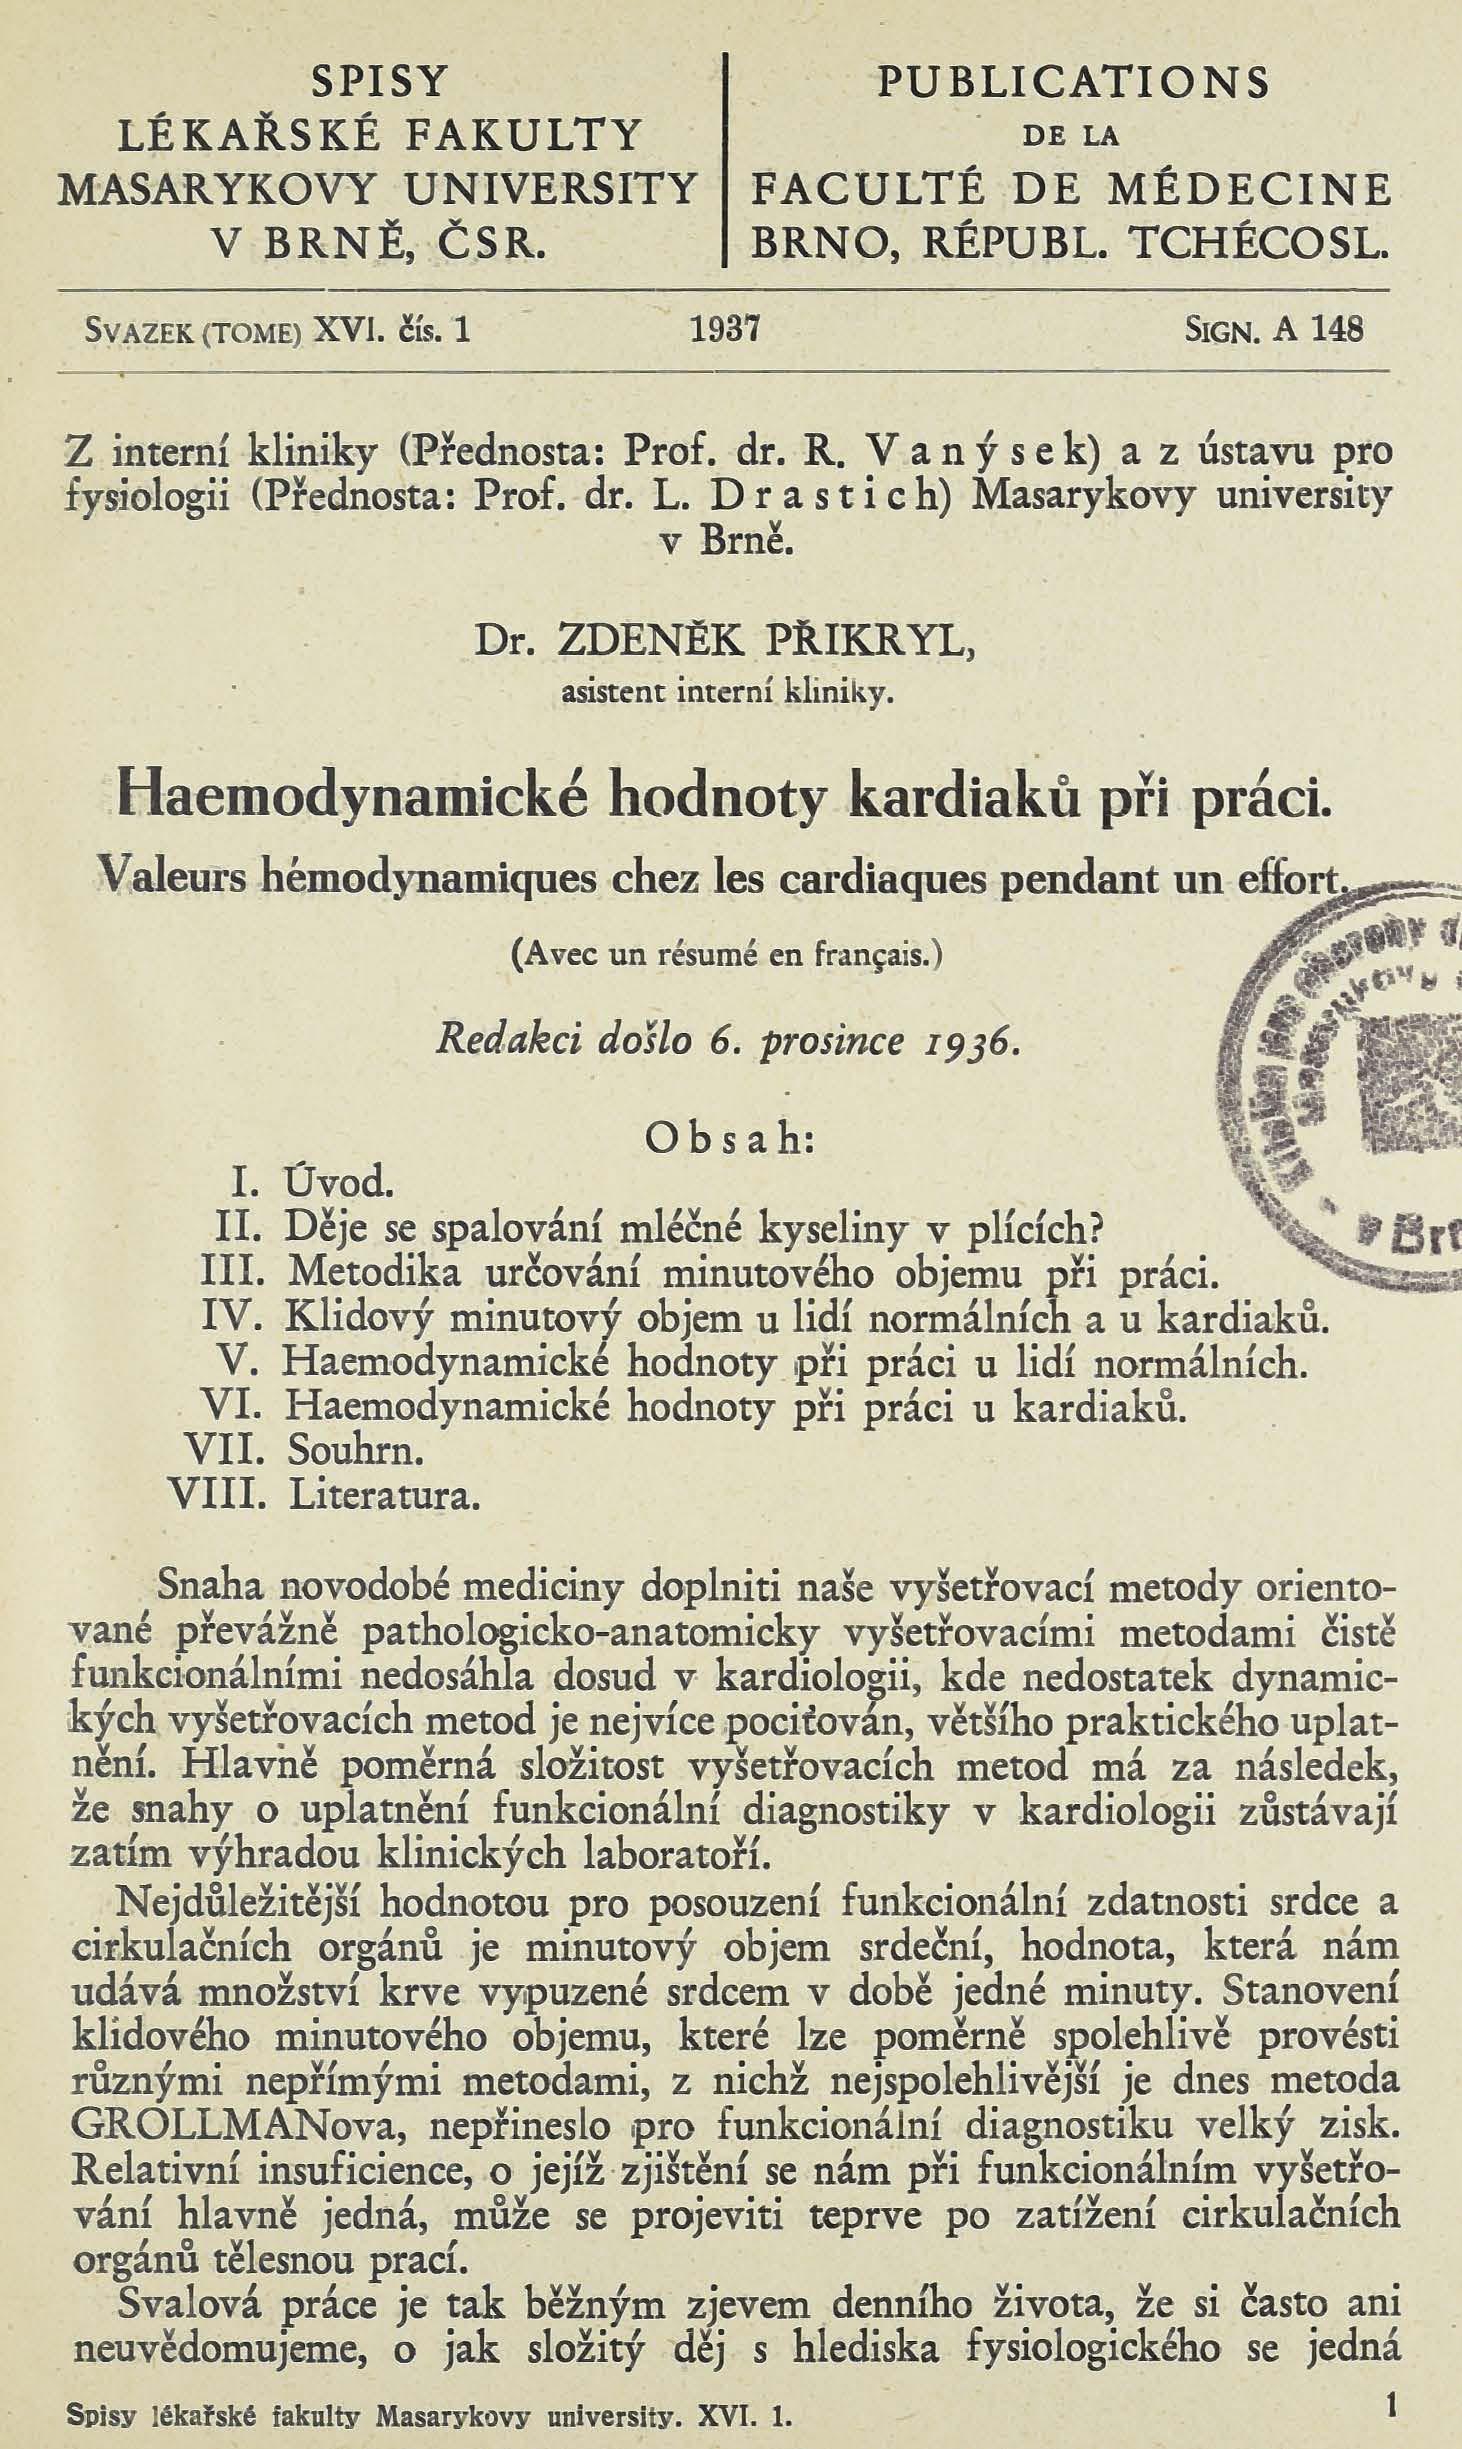 Obálka pro Haemodynamické hodnoty kardiaků při práci / Valeurs hémodynamiques chez les cardiaques pendant un effort